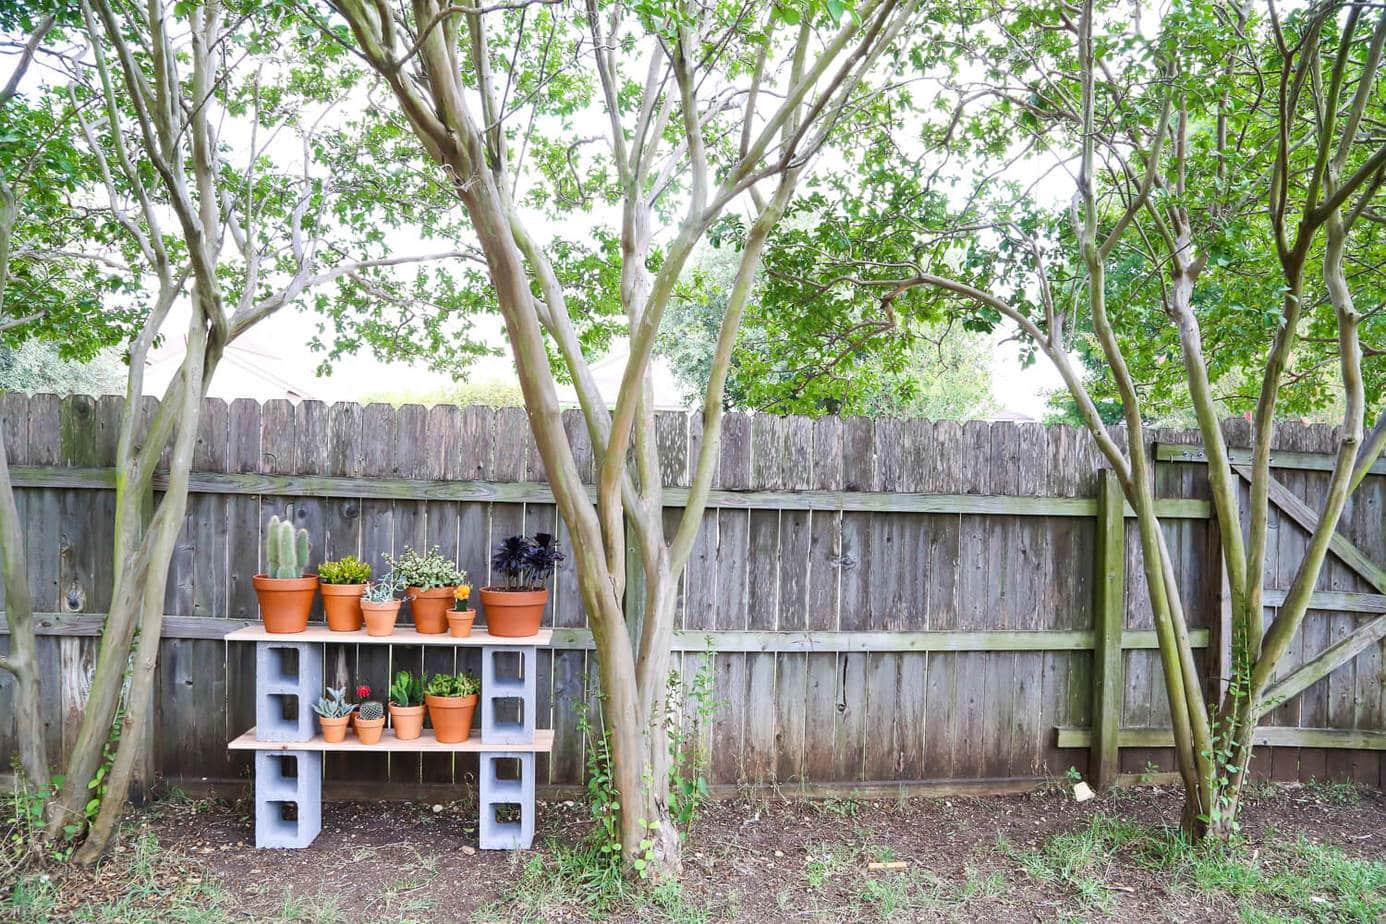 Outdoor cinder block shelves